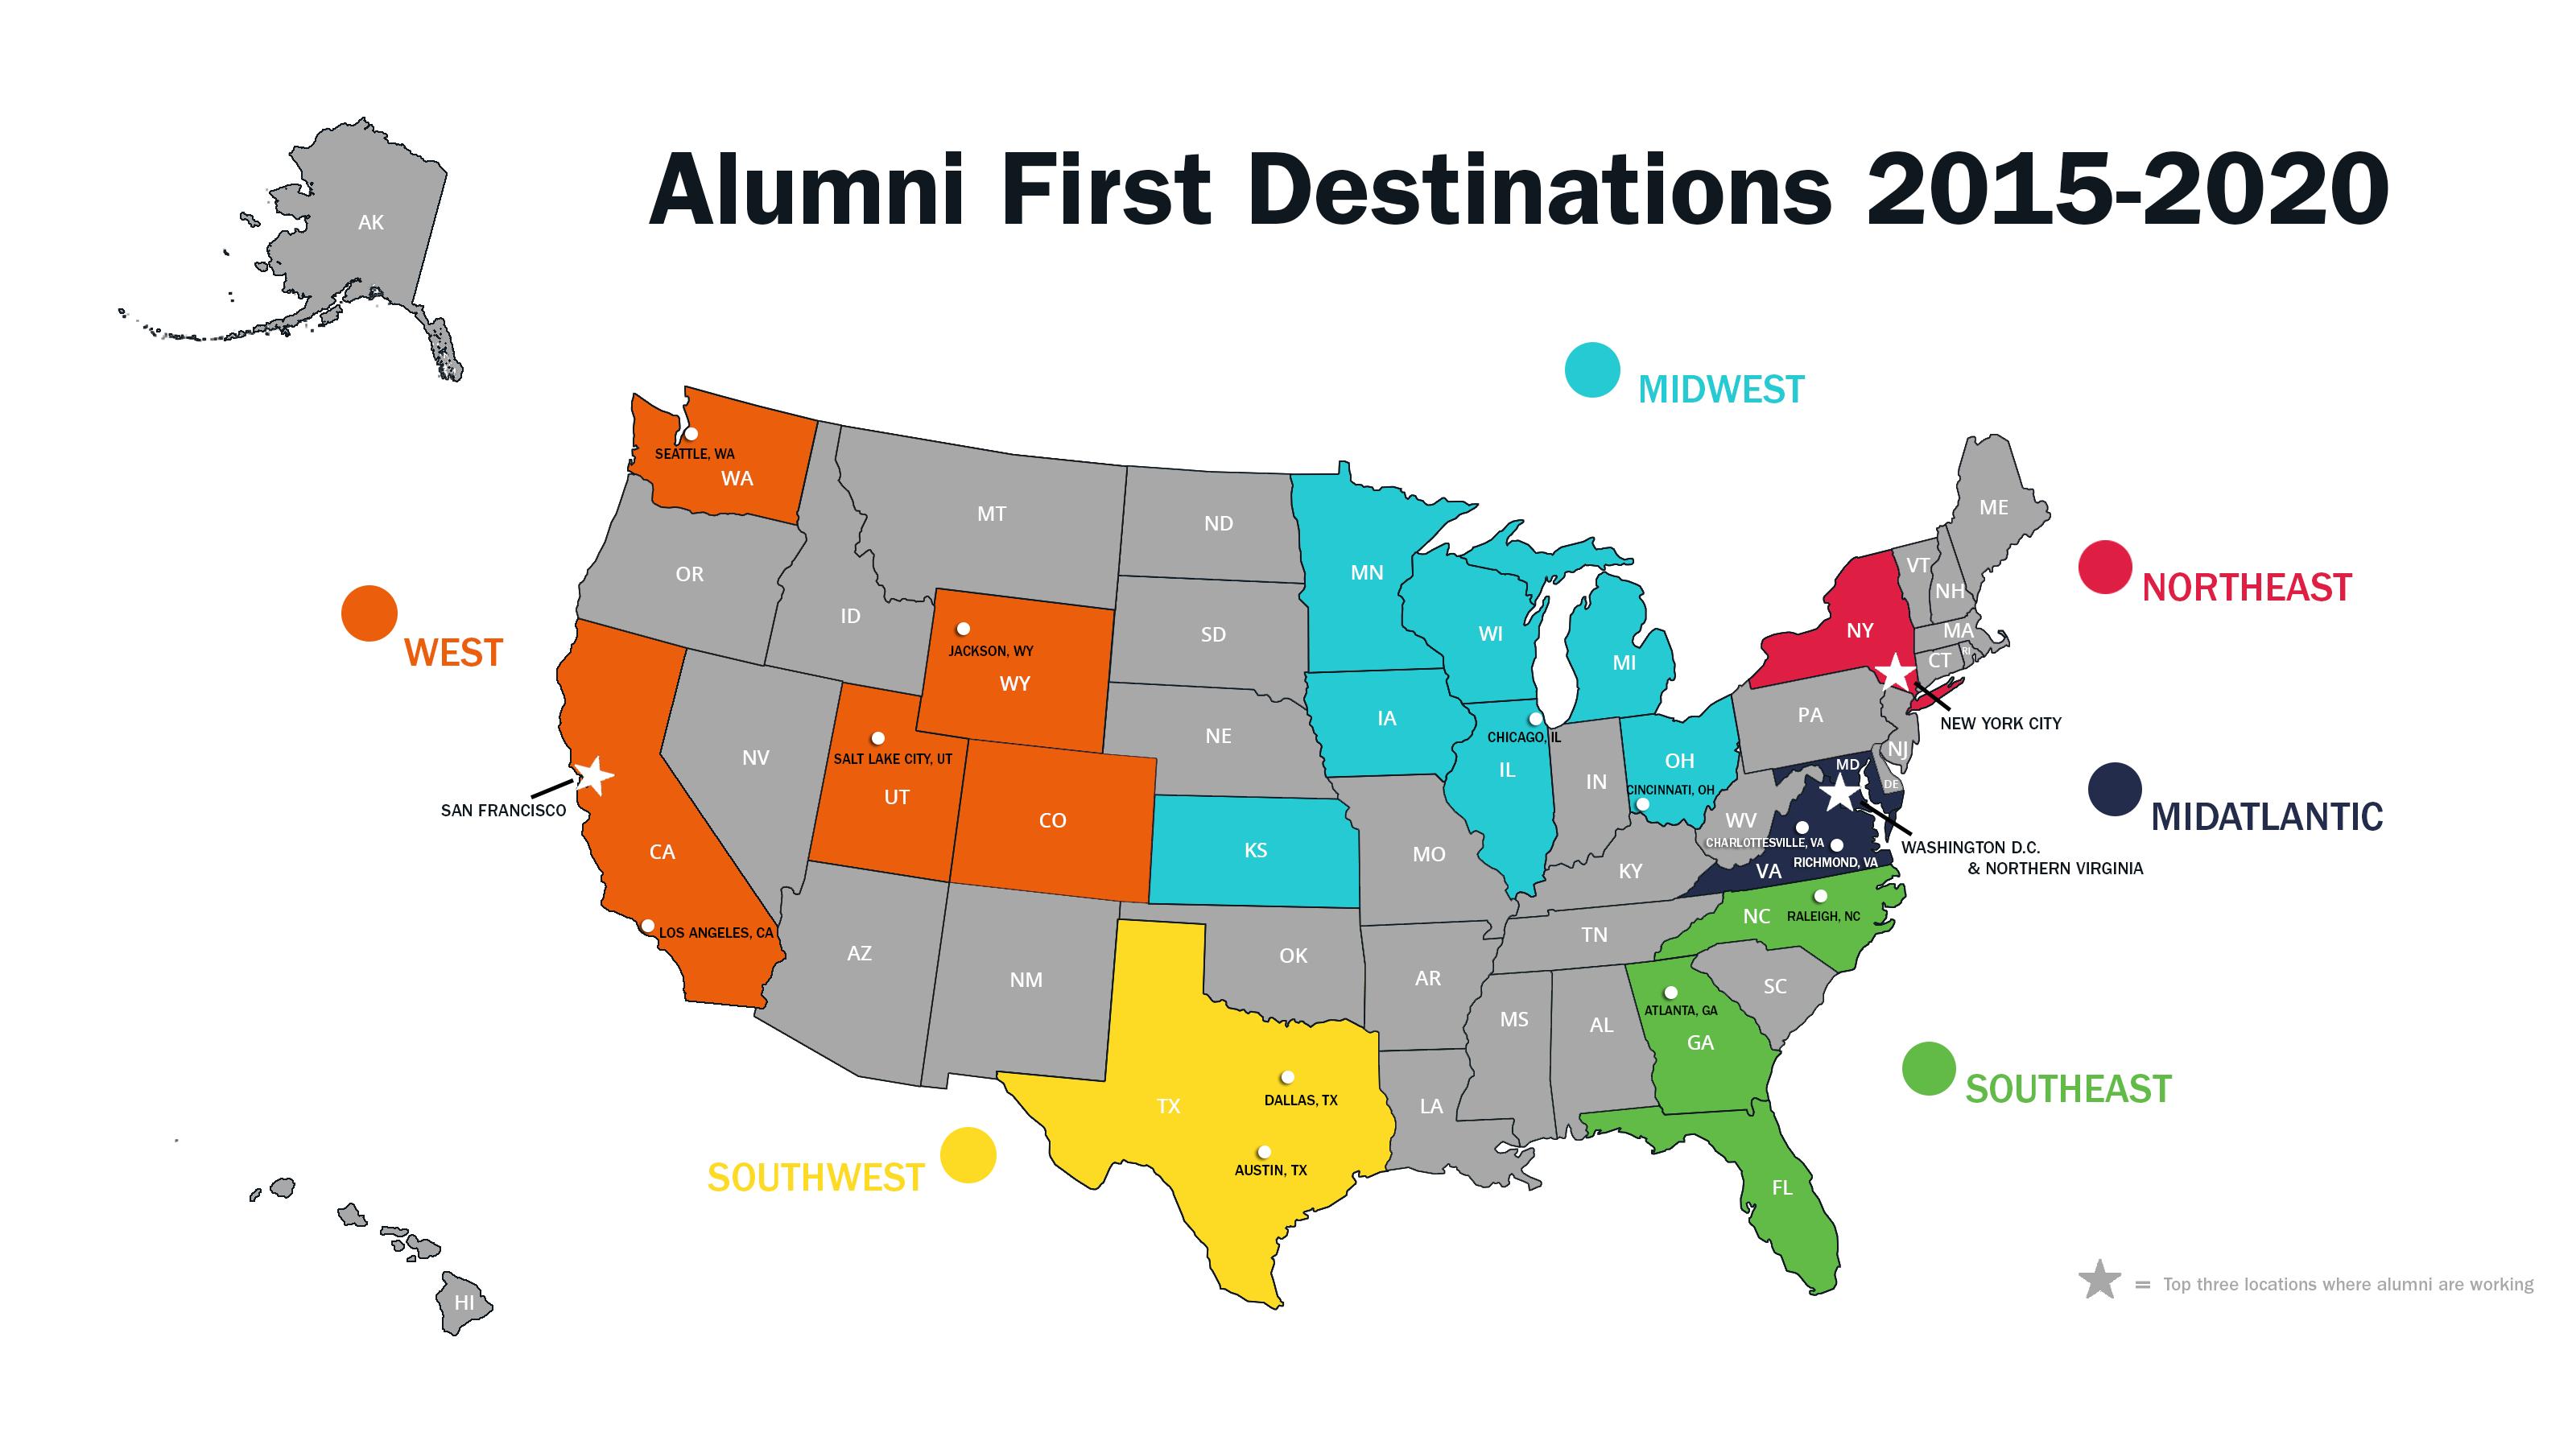 Alumni destinations map